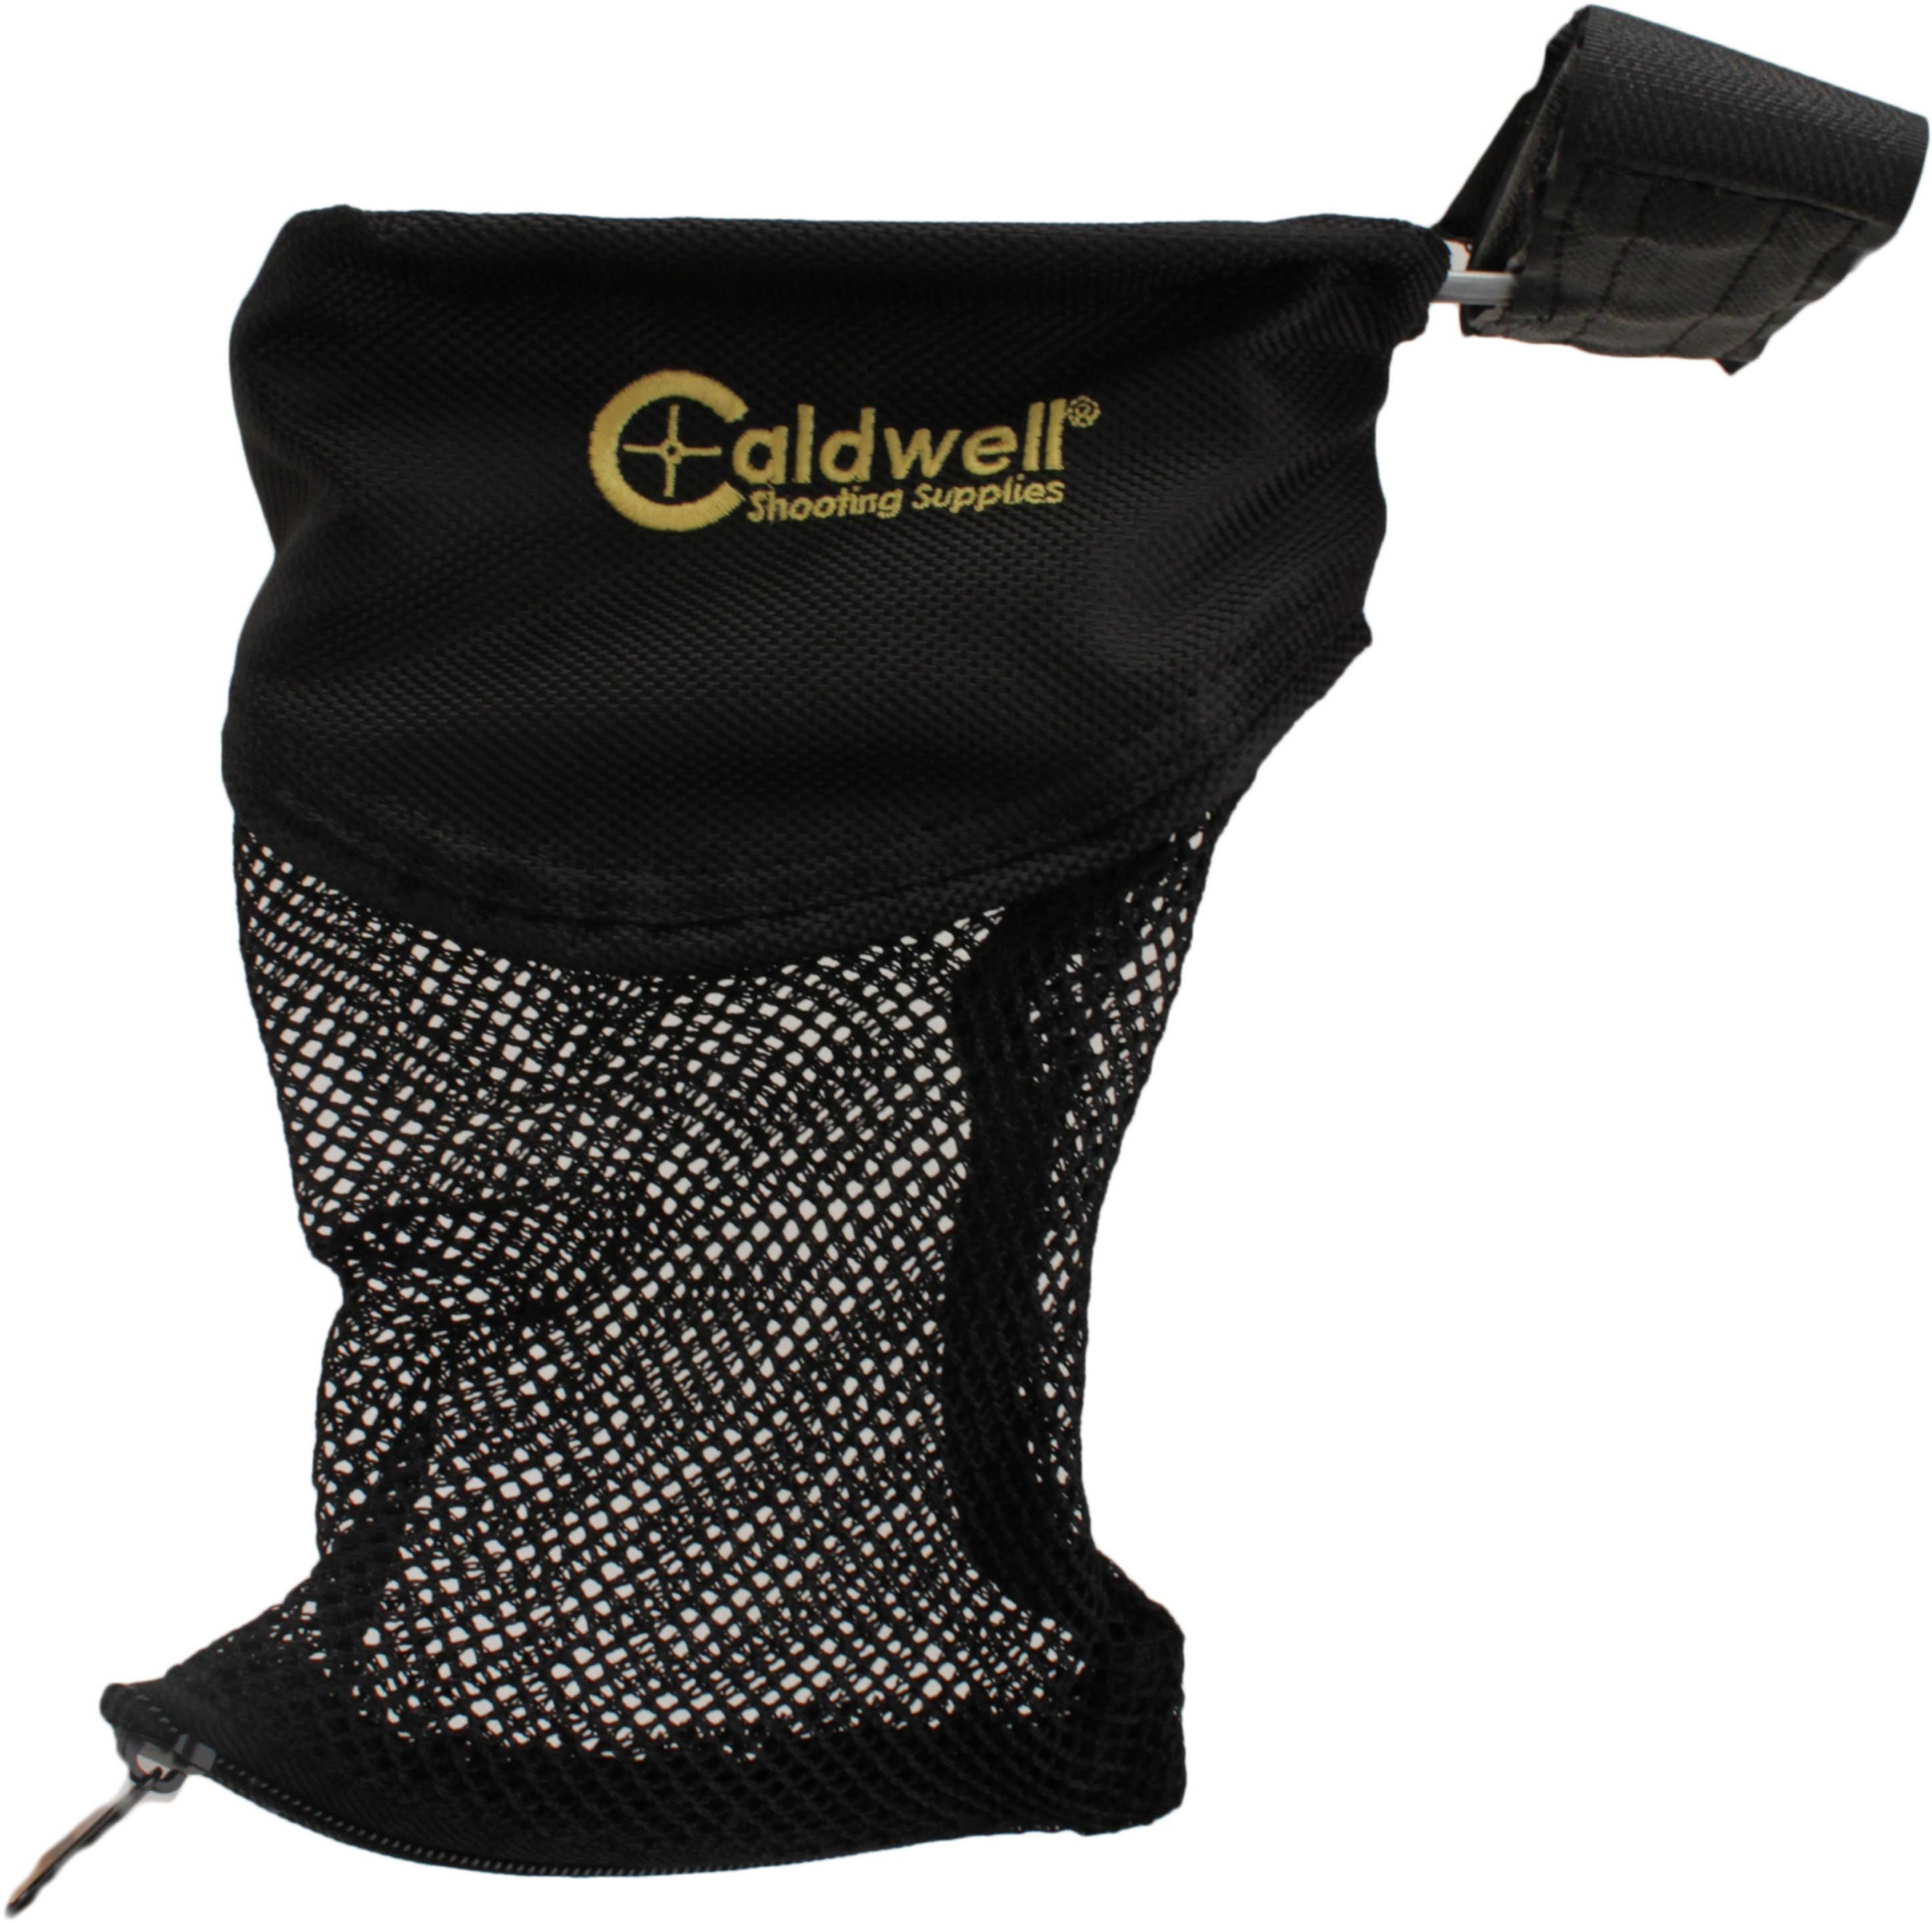 Caldwell AR-15 Brass Catcher Md: 122-231